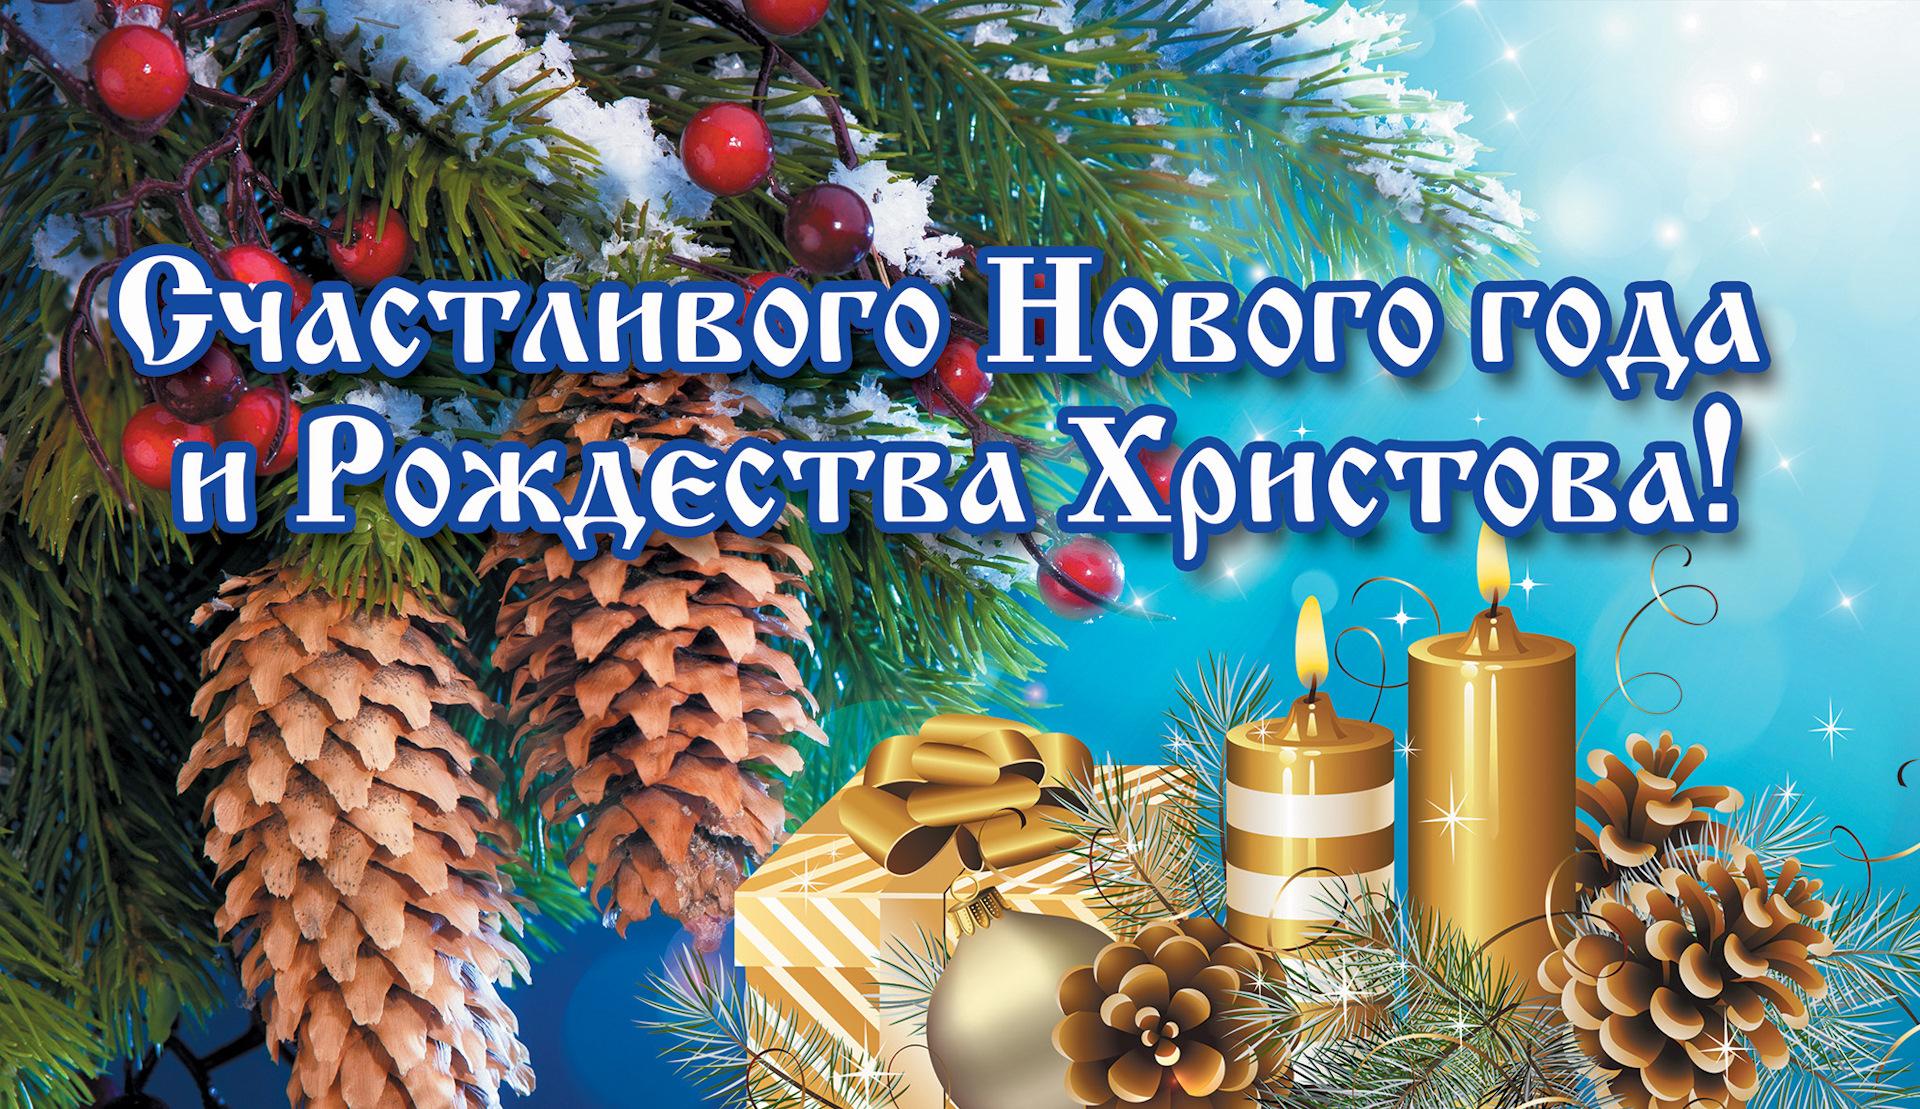 Картинка с Новым годом и Рождеством 2020